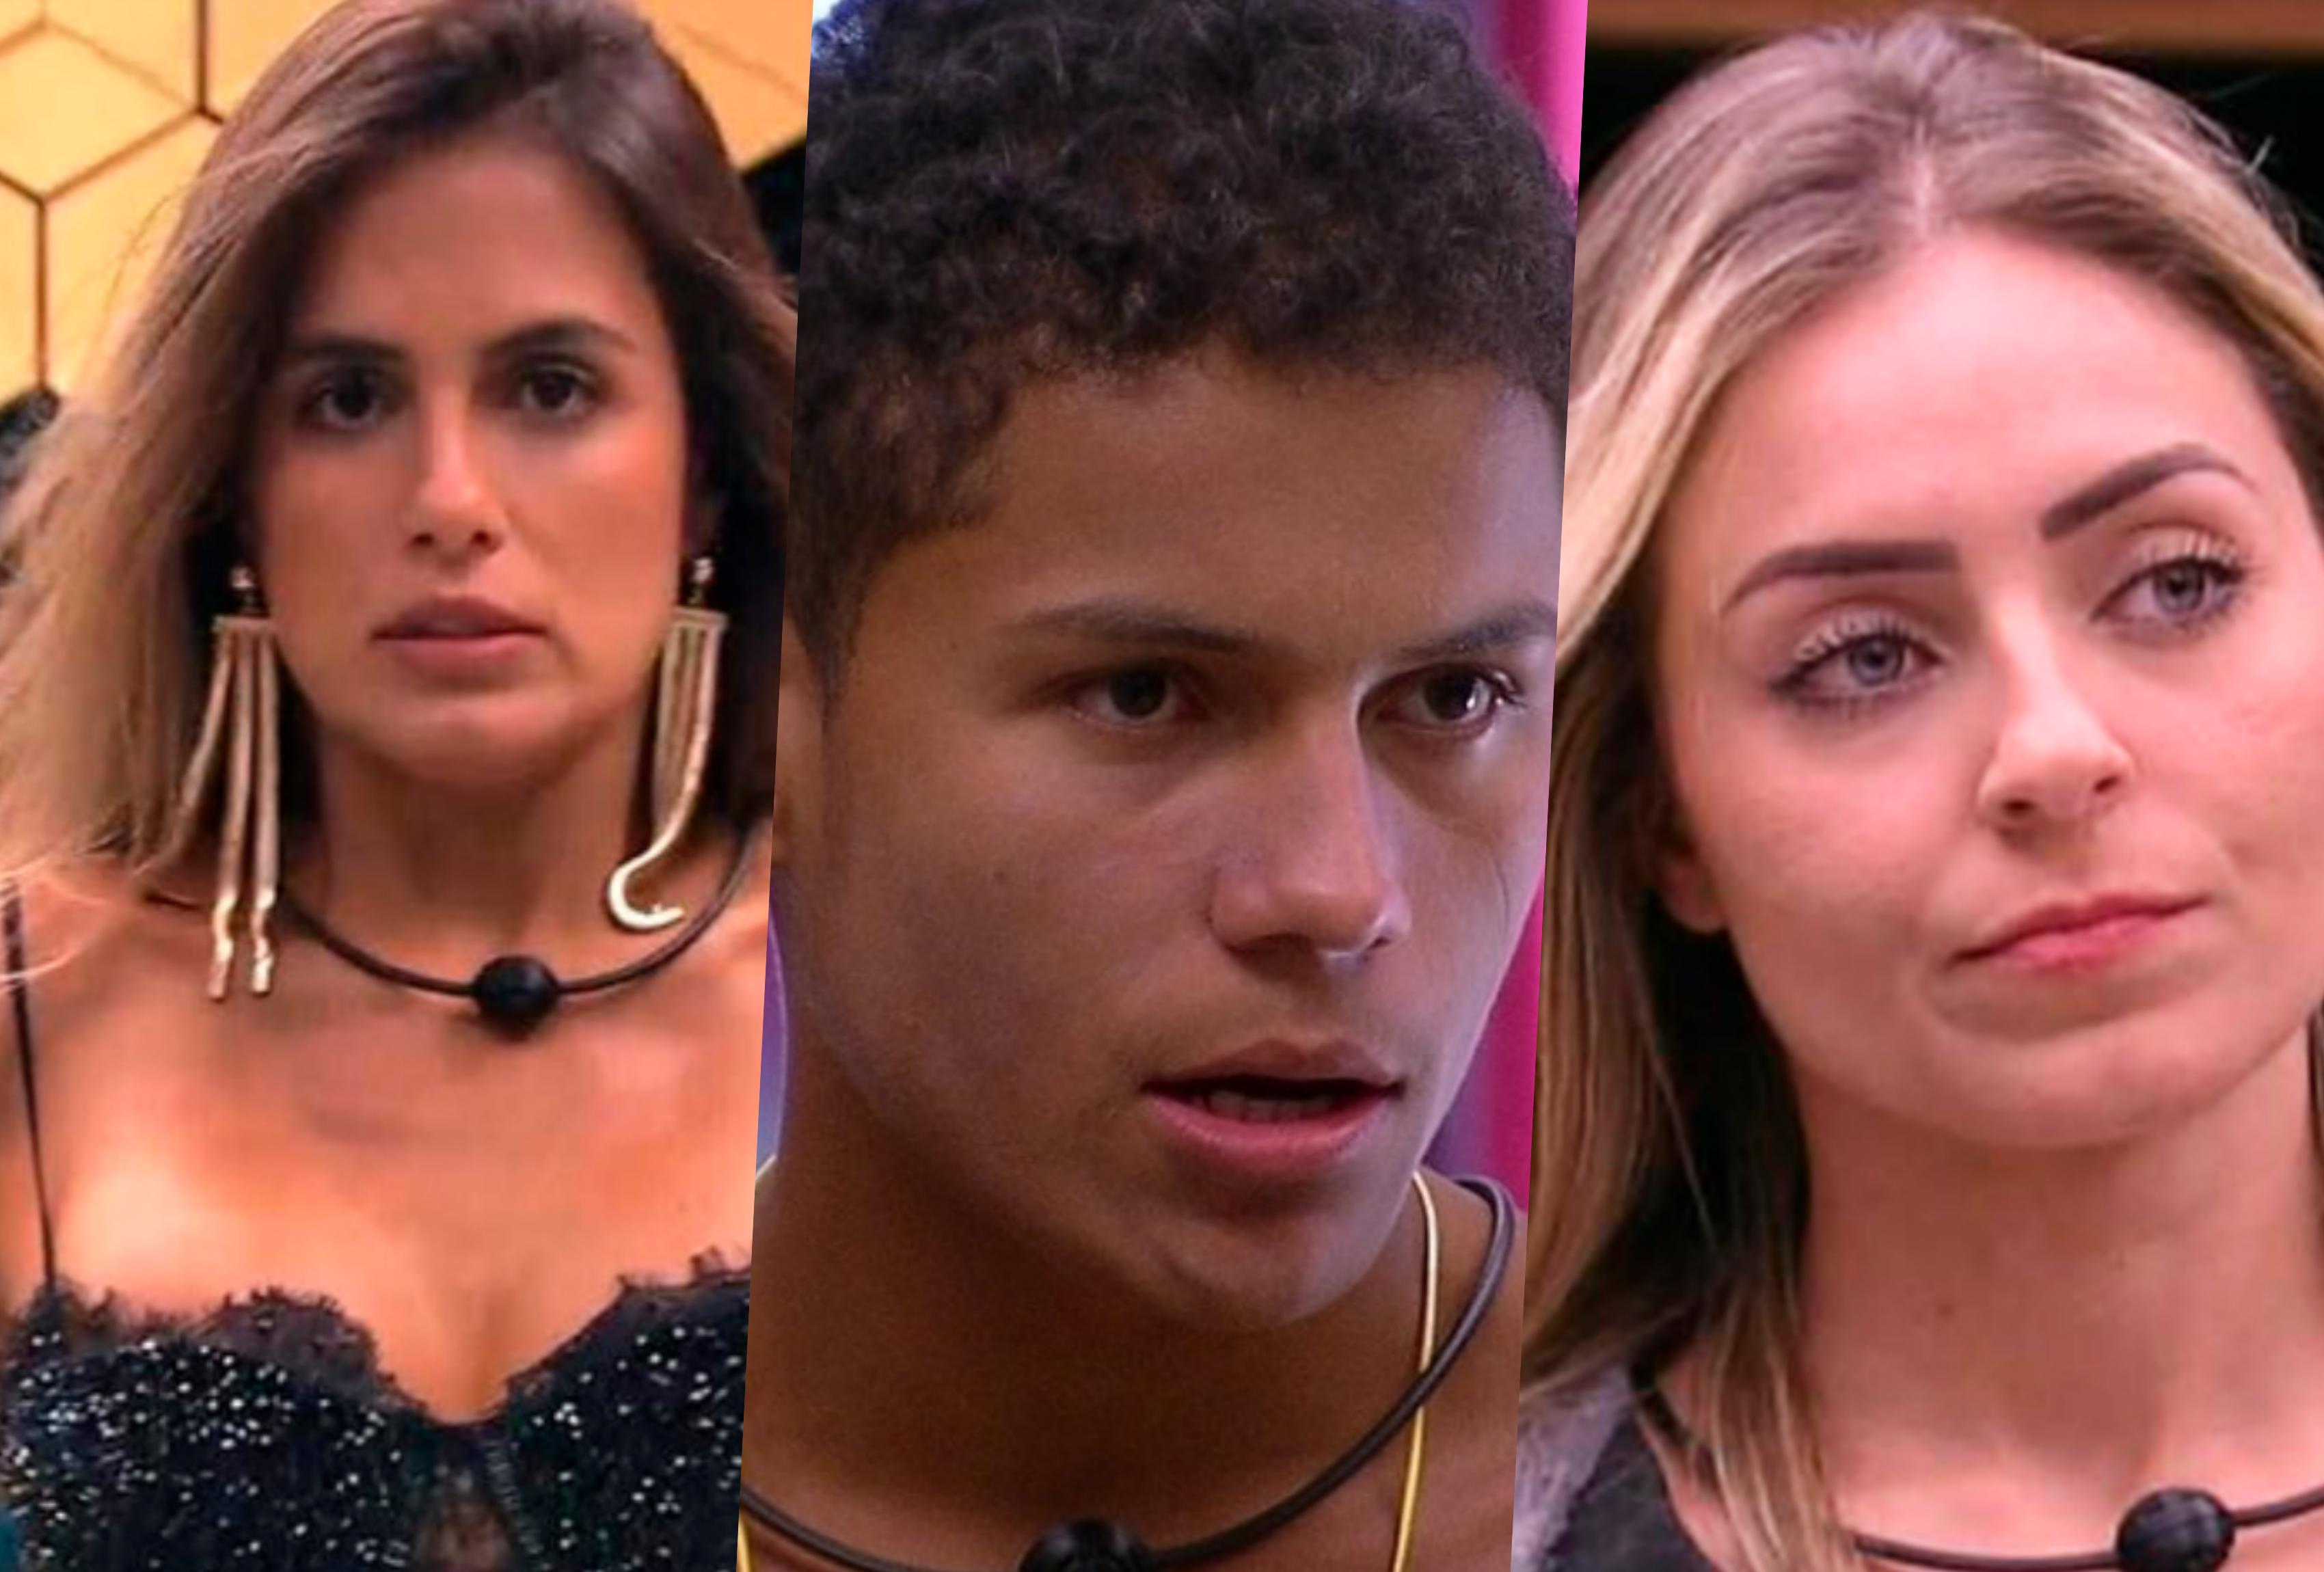 Paredão do BBB19 é entre Carol Peixinho, Danrley e Paula (Foto montagem: TV Foco)